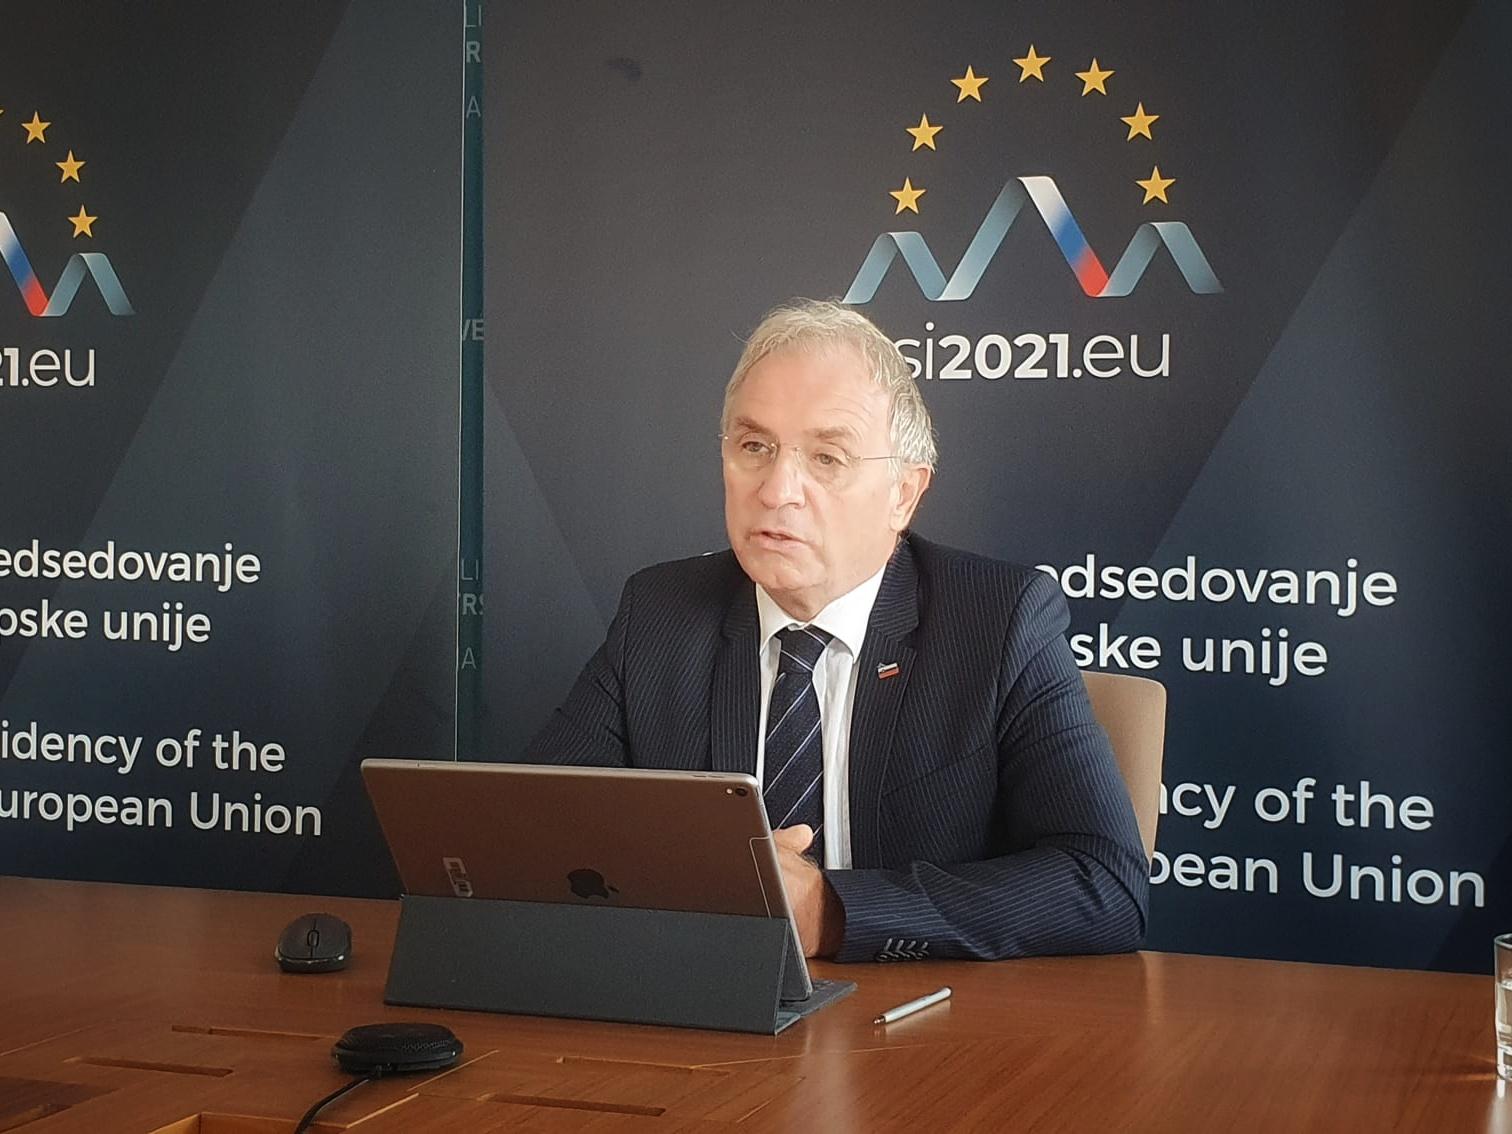 Σλοβενία: Ο υπουργός Hojs για τη διάσκεψη για τα πυροβόλα όπλα στη ΝΑ Ευρώπη